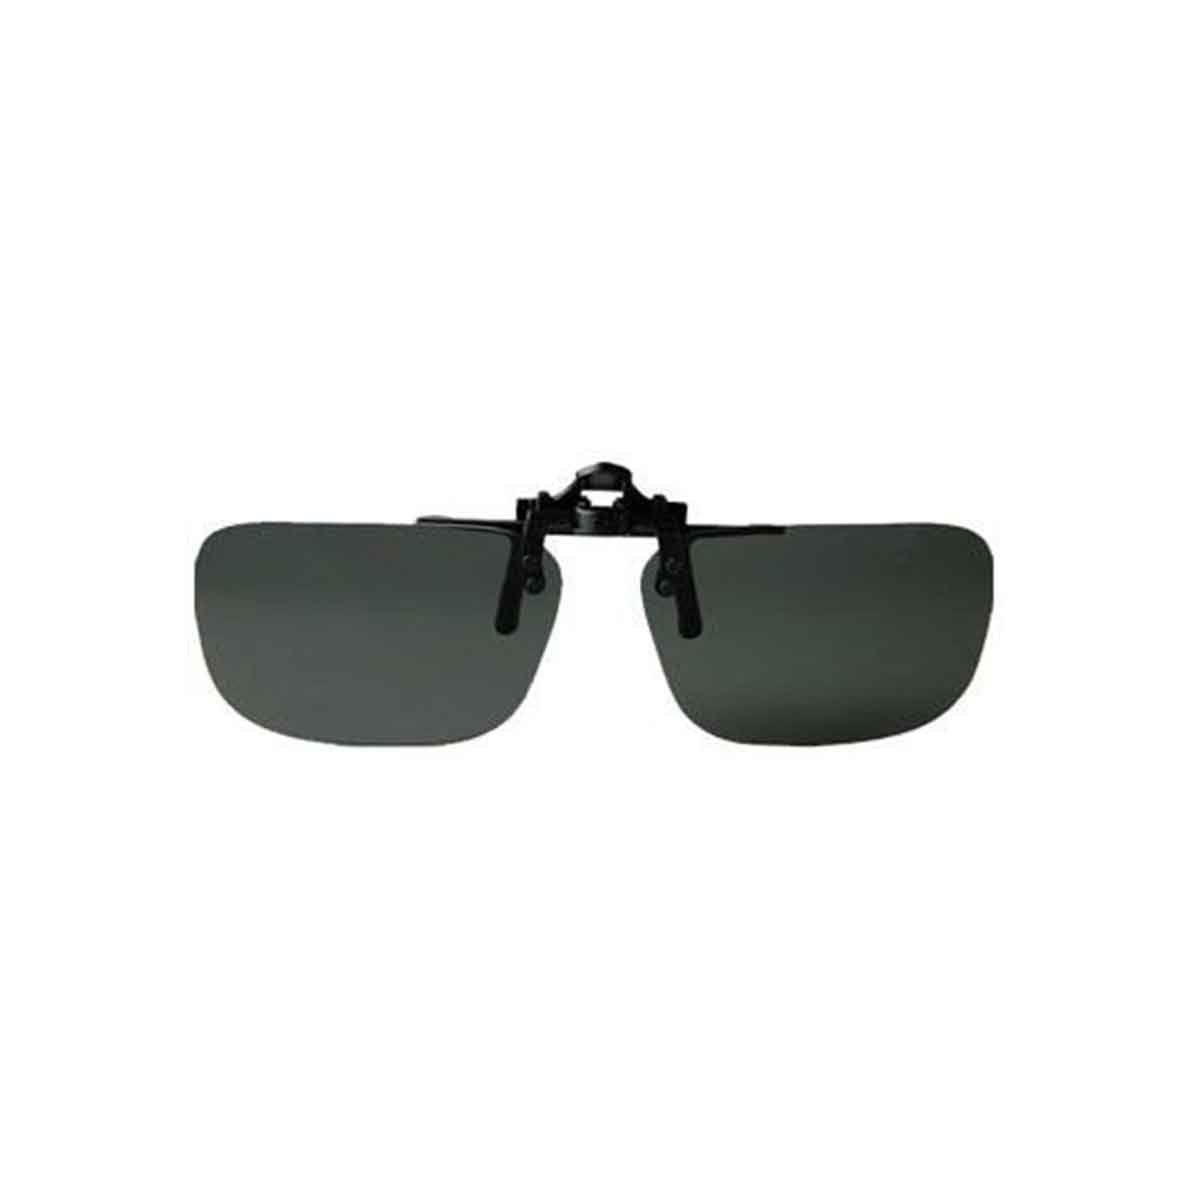 35b60cd8e Óculos Mustad Pro Polarizado Preto Modelo HP107A-2. Indisponível. PRODUTO  INDISPONÍVEL. Clip Sports Polarizado Rapala Lente Preta GR-091A